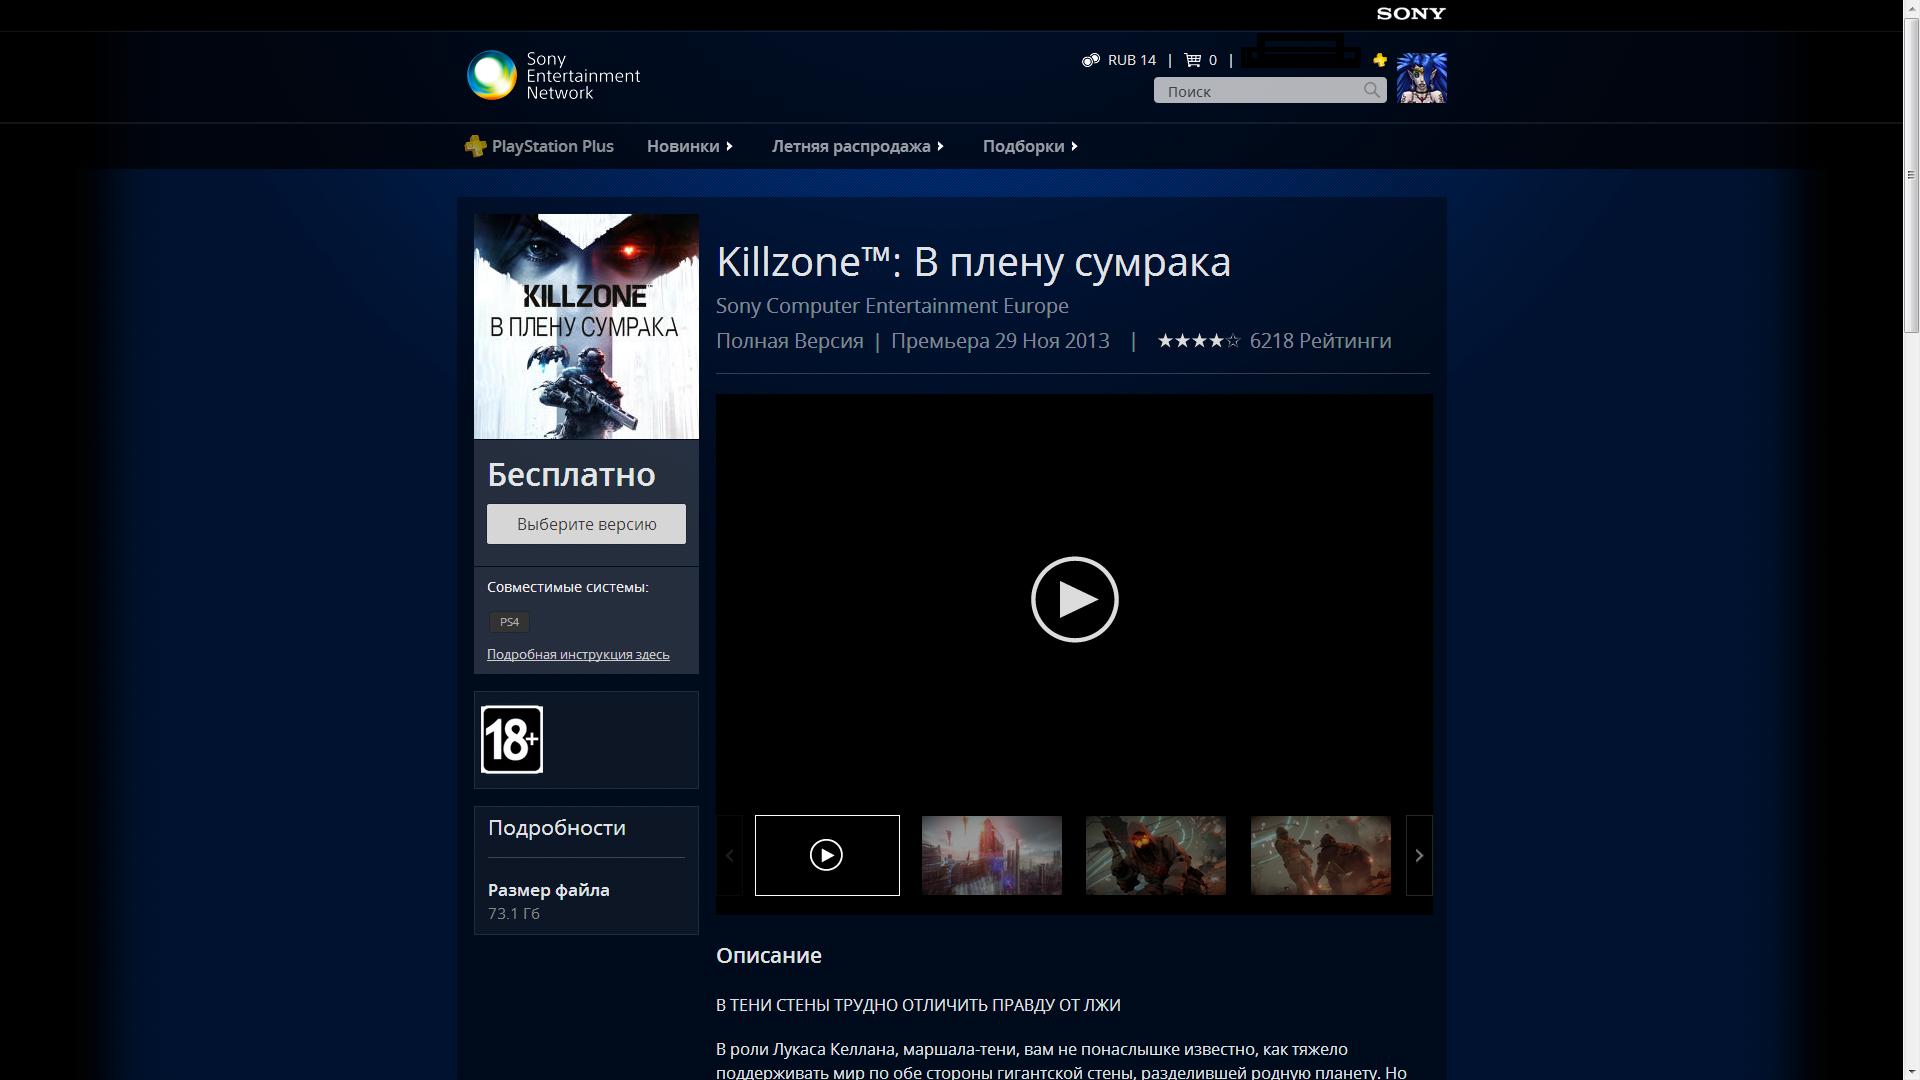 Killzone: Shadow Fall бесплатна для PS4 в PSN/SEN. - Изображение 1